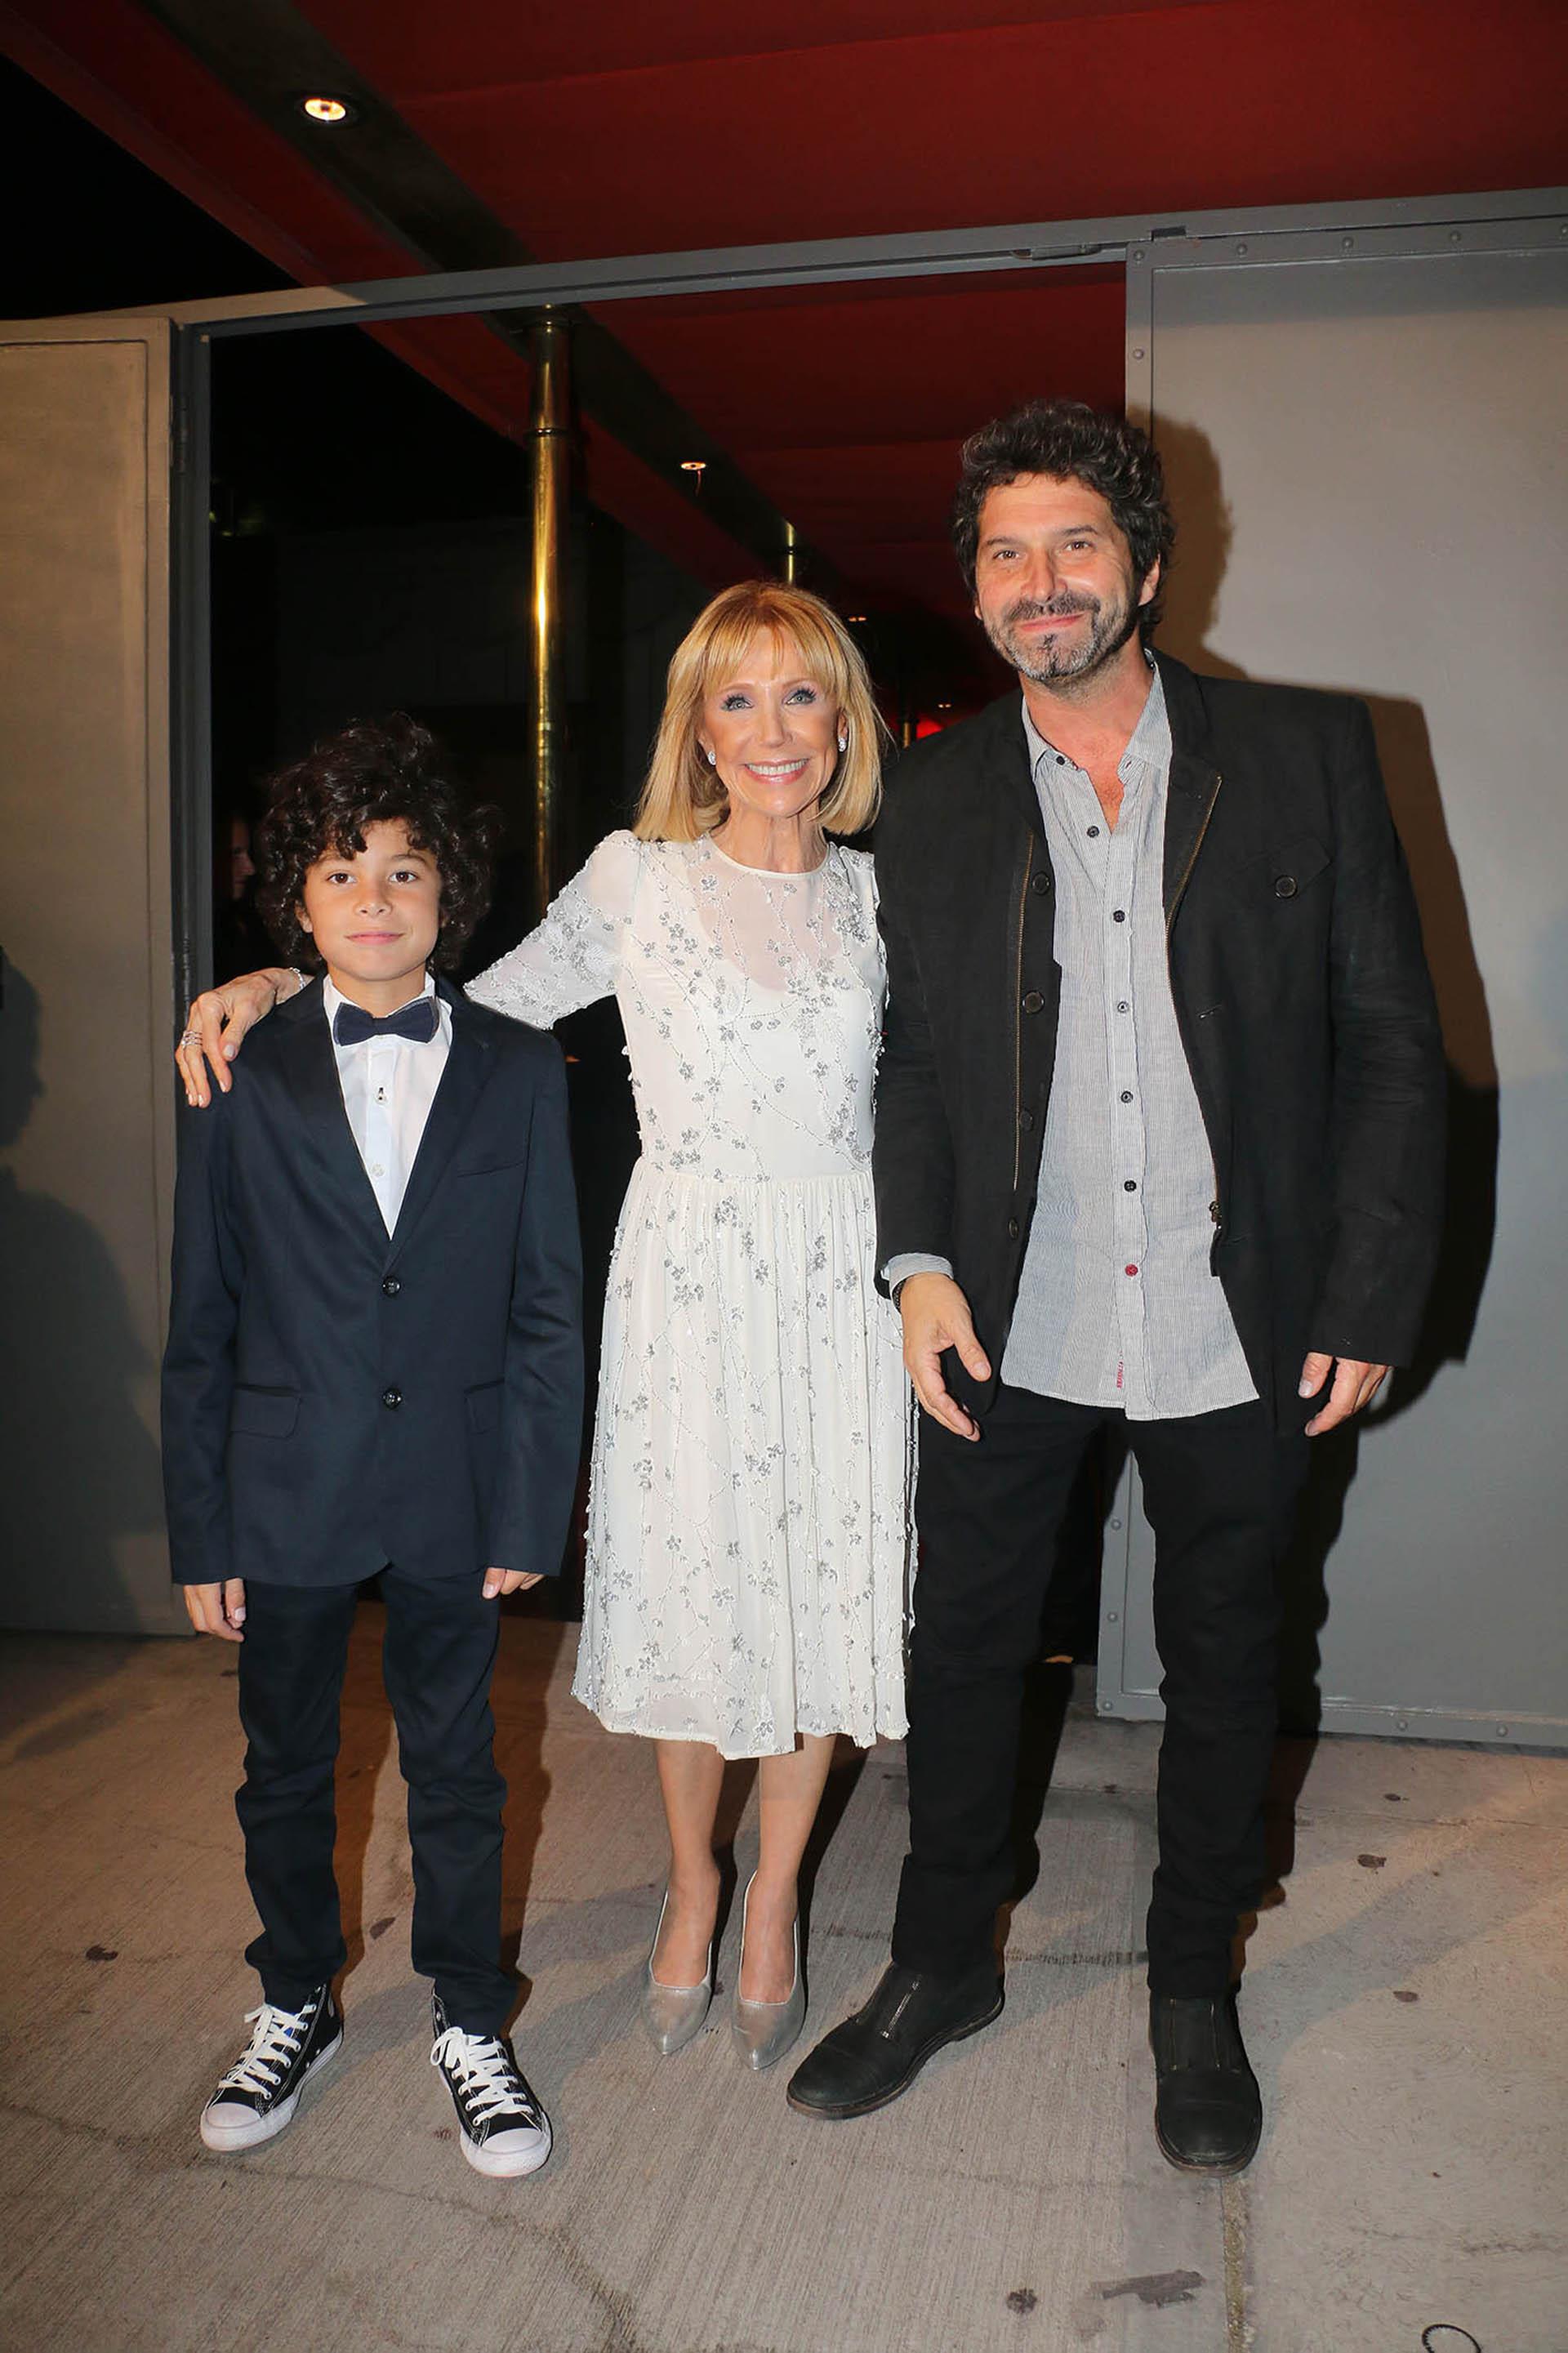 Evangelina, Iván Noble y su hijo Benito